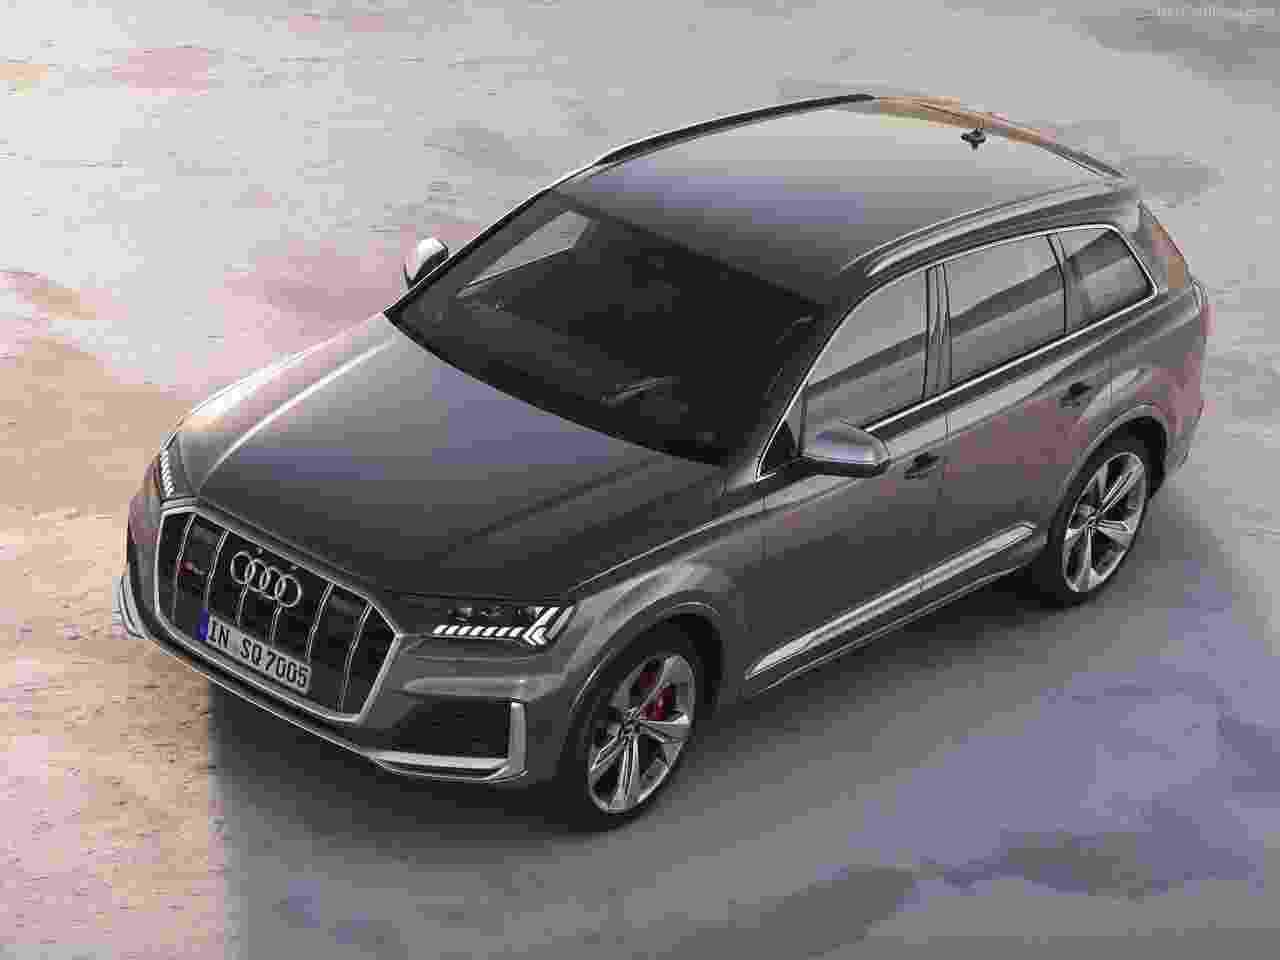 Audi SQ7 - Divulgaçãp